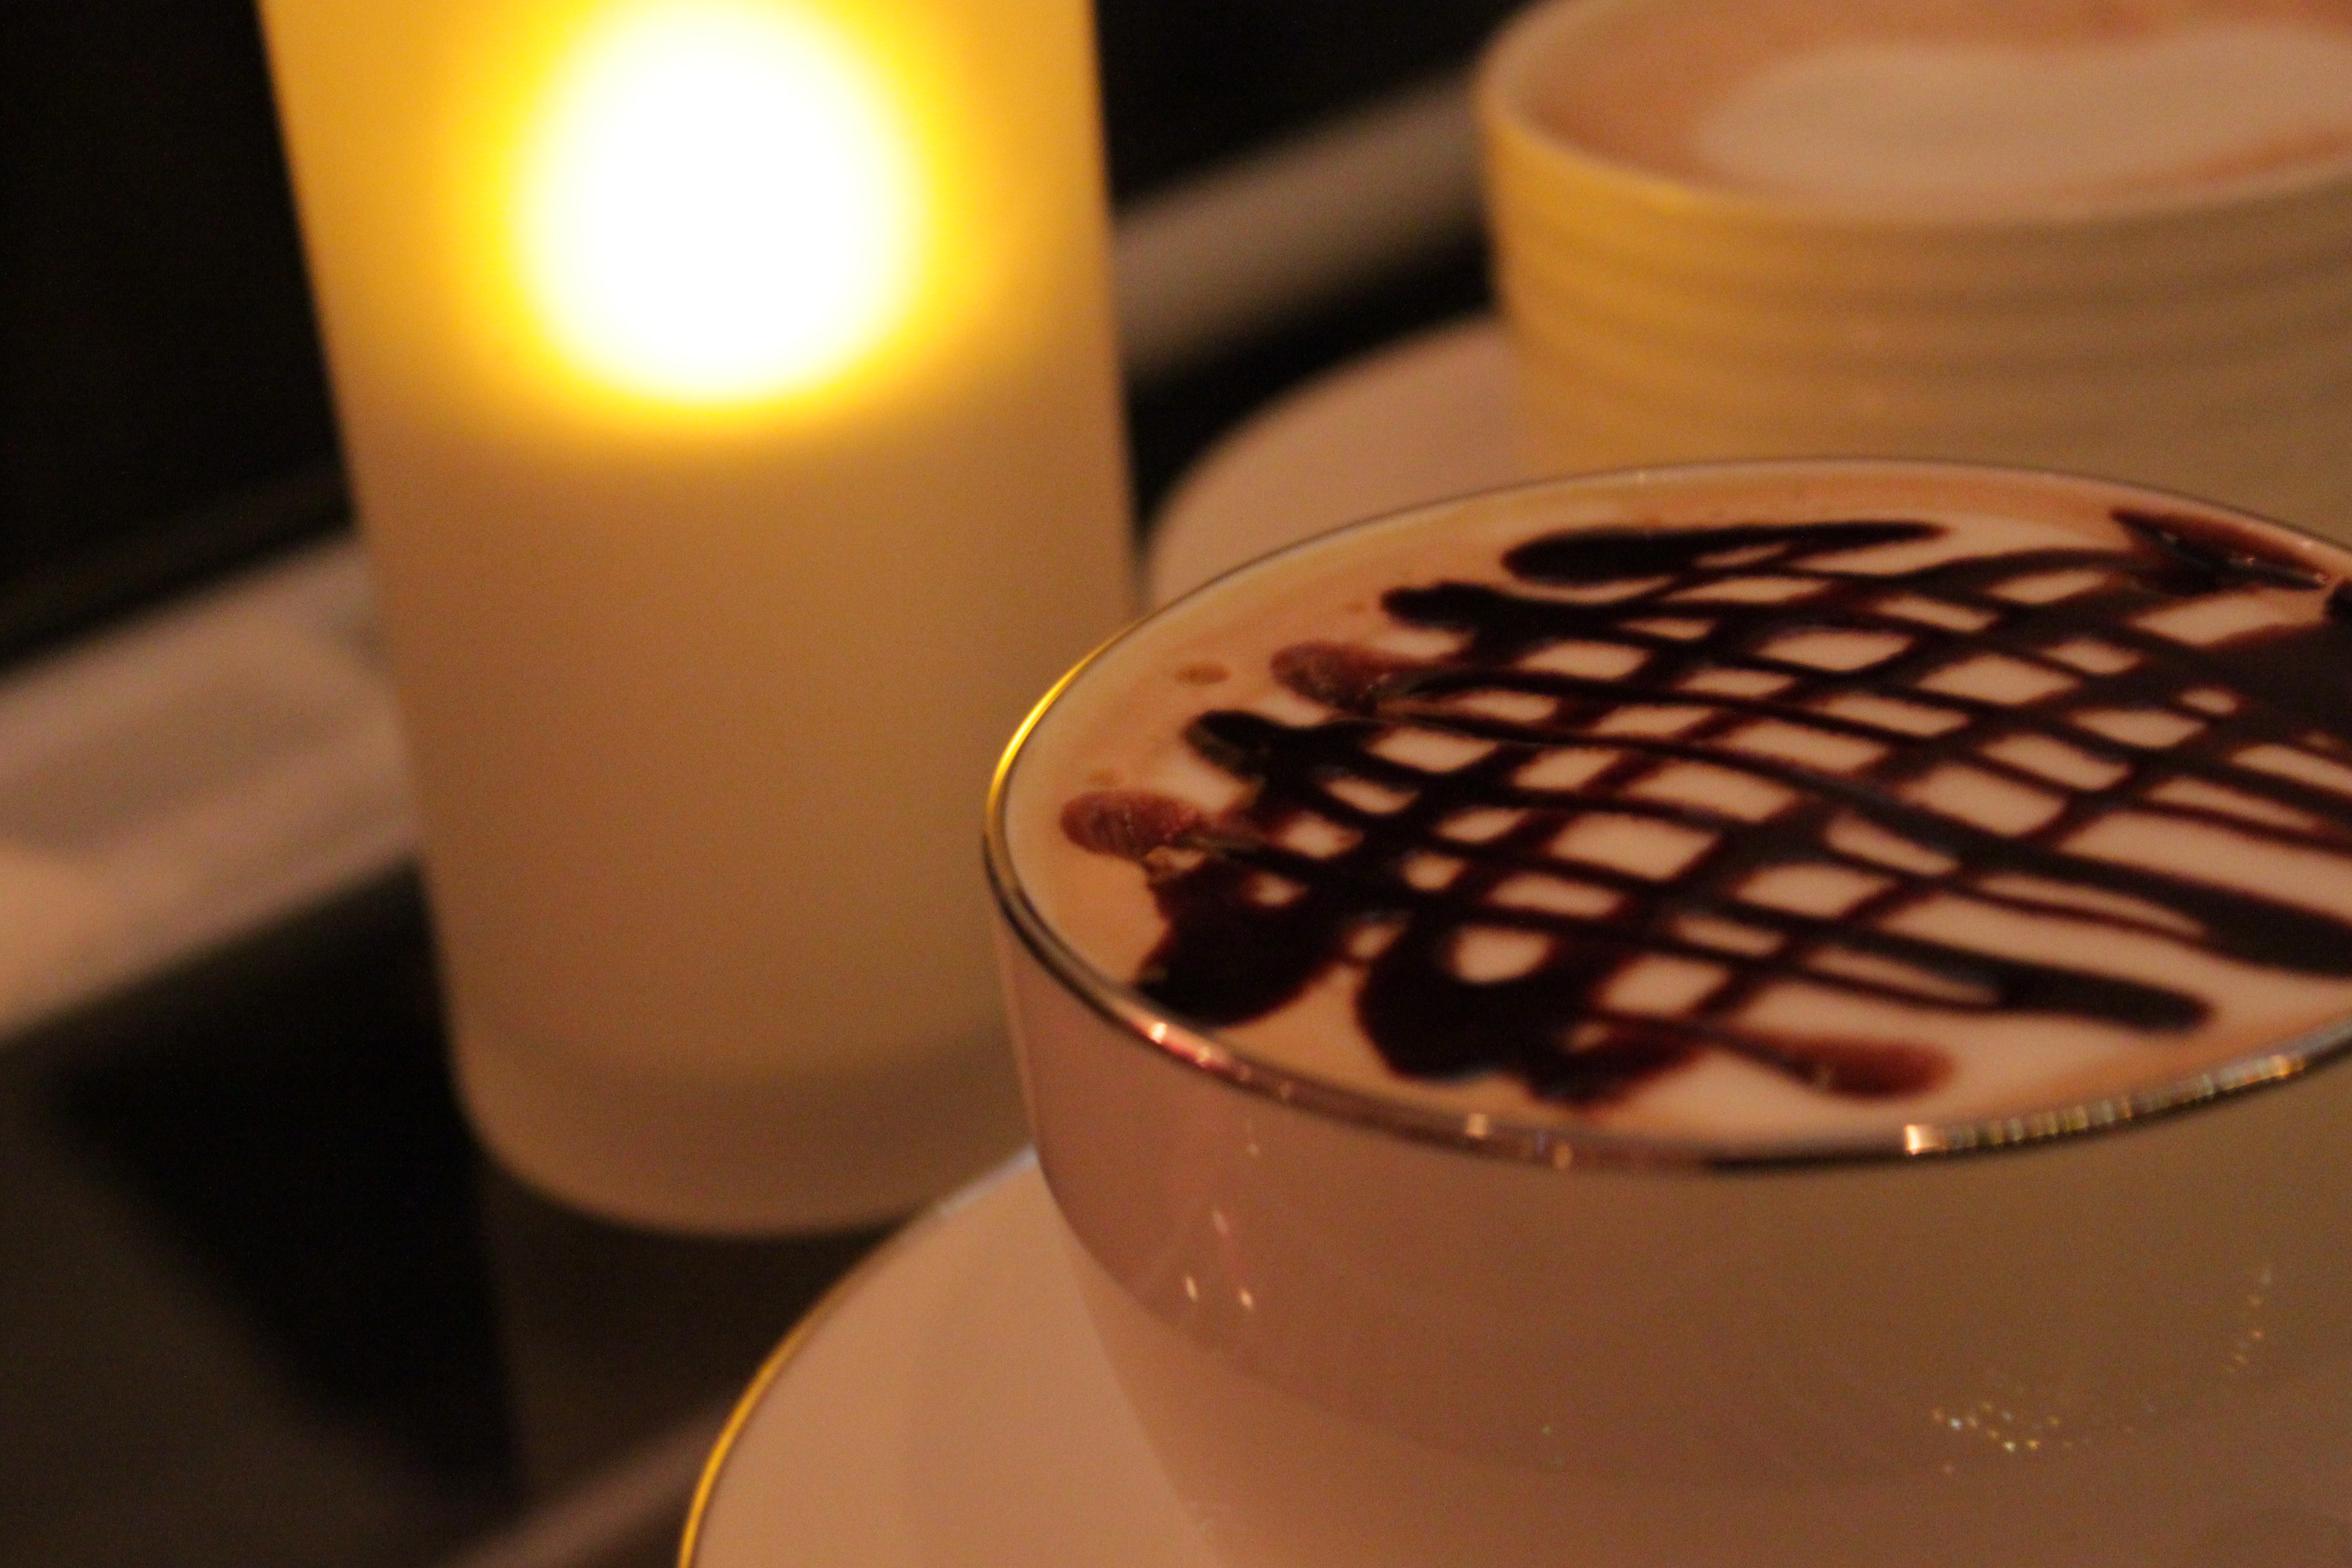 津市のおすすめカフェ特集!人気のおしゃれカフェで夜もお茶しちゃう?